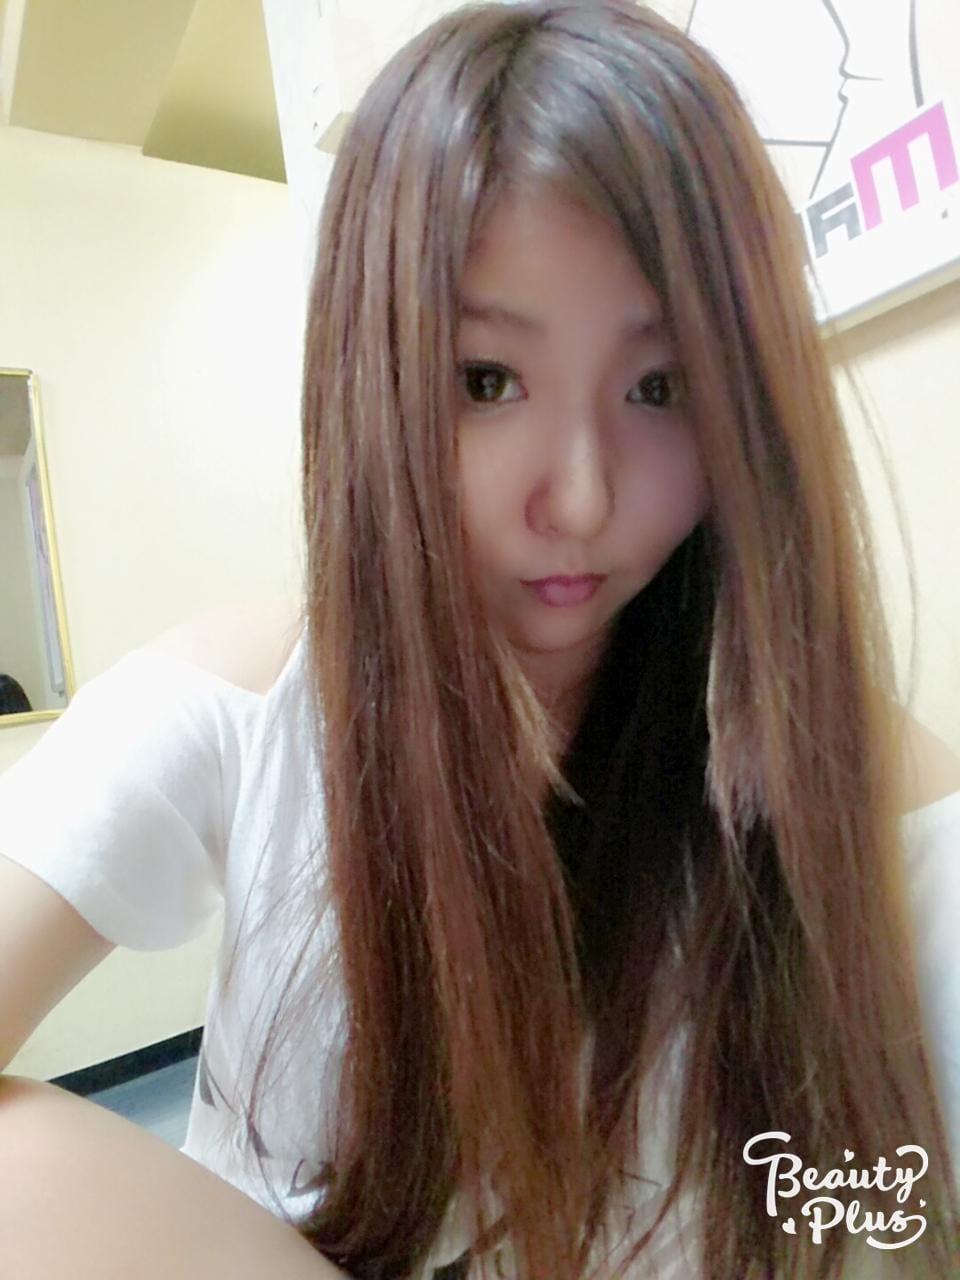 「秋〜」08/21(火) 23:05 | かなたの写メ・風俗動画